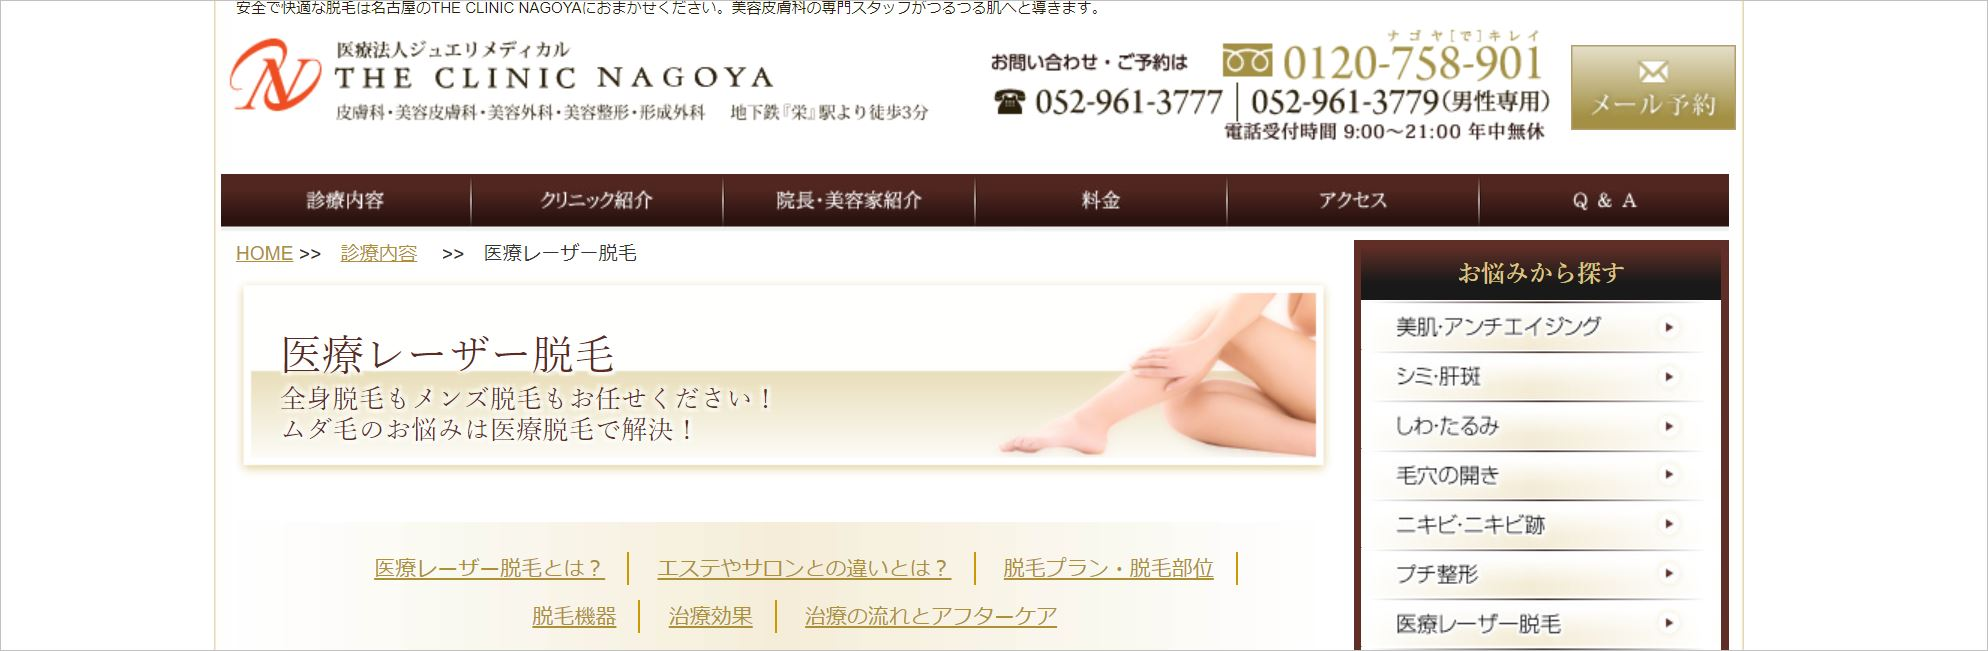 ザ・クリニック名古屋のトップ画面